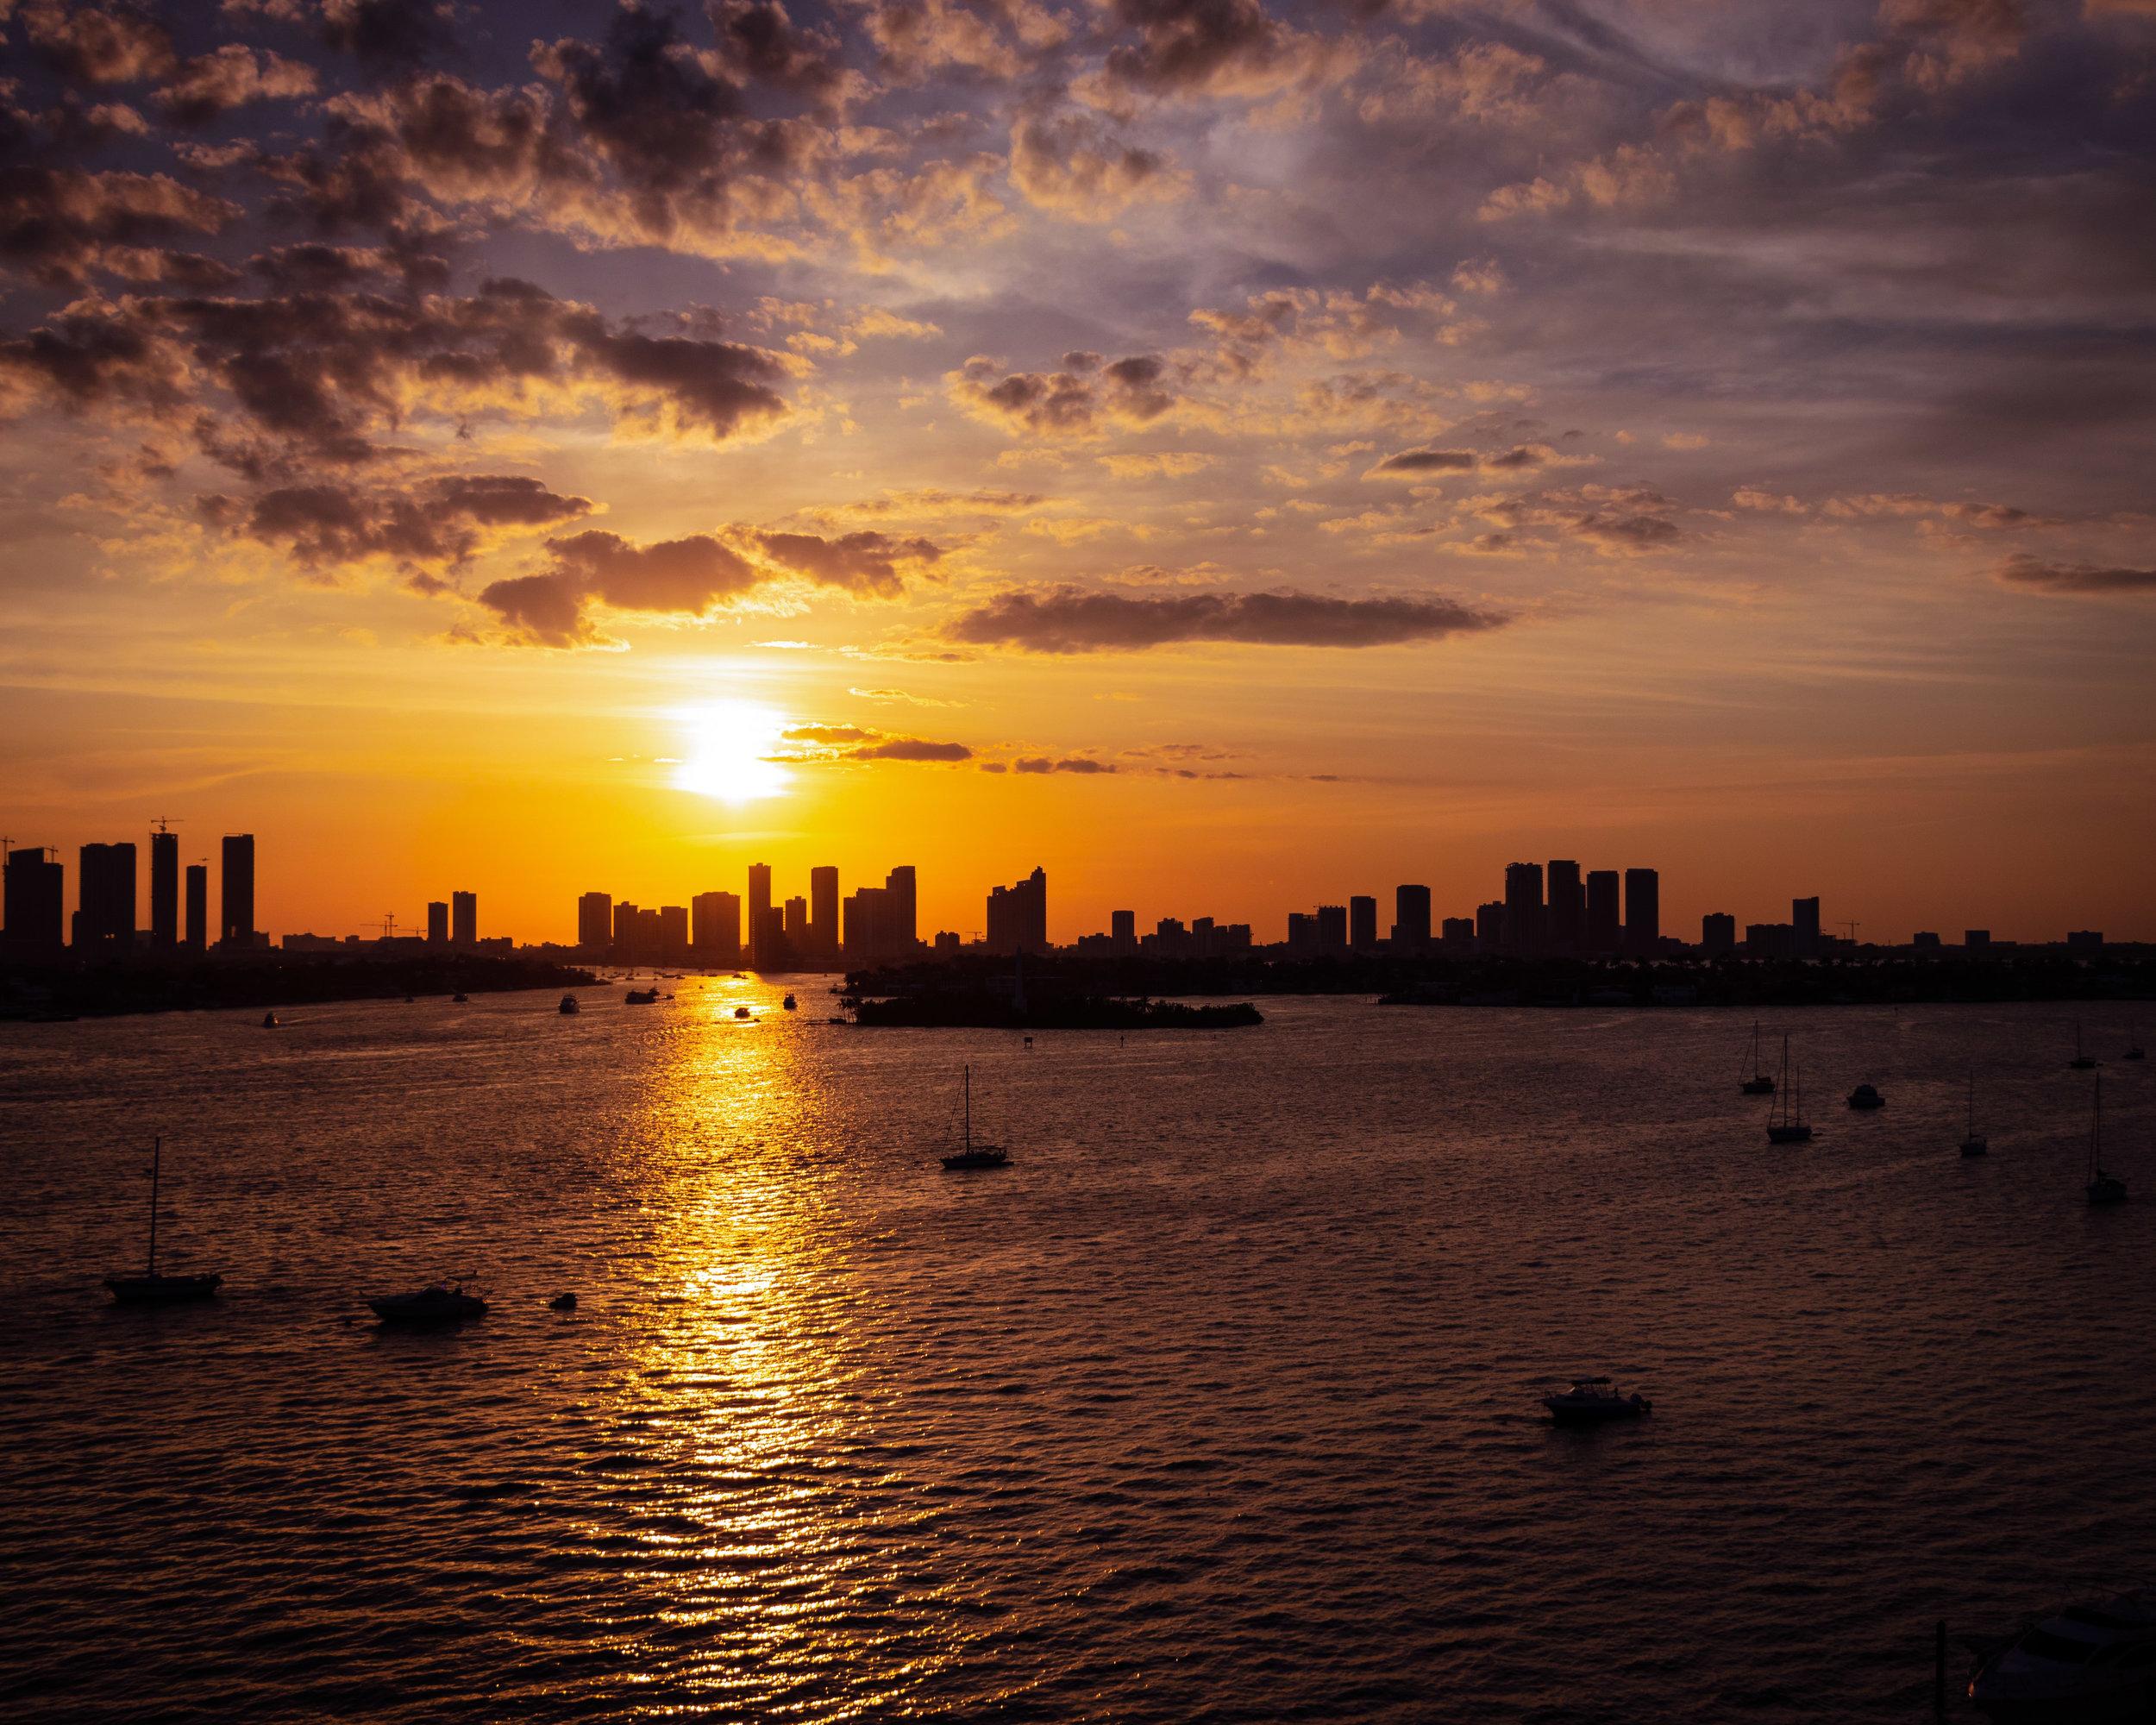 MiamiSunset3.jpg